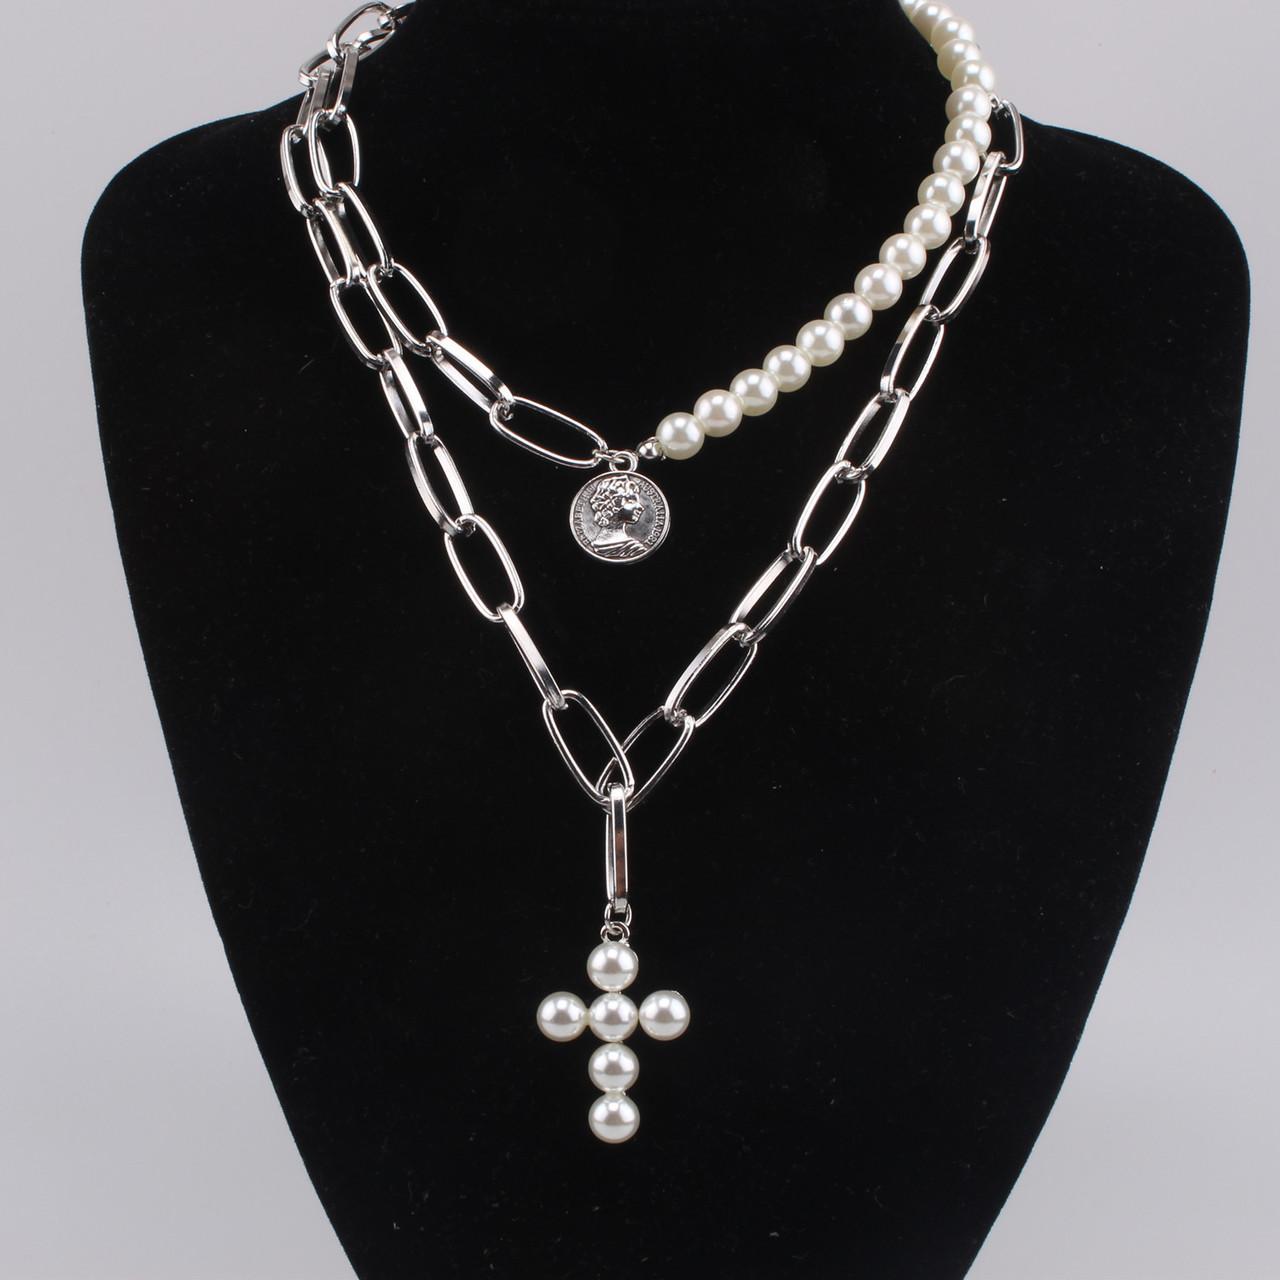 Толстая цепочка крупная цепь колье ожерелье двойная цепь с жемчугом